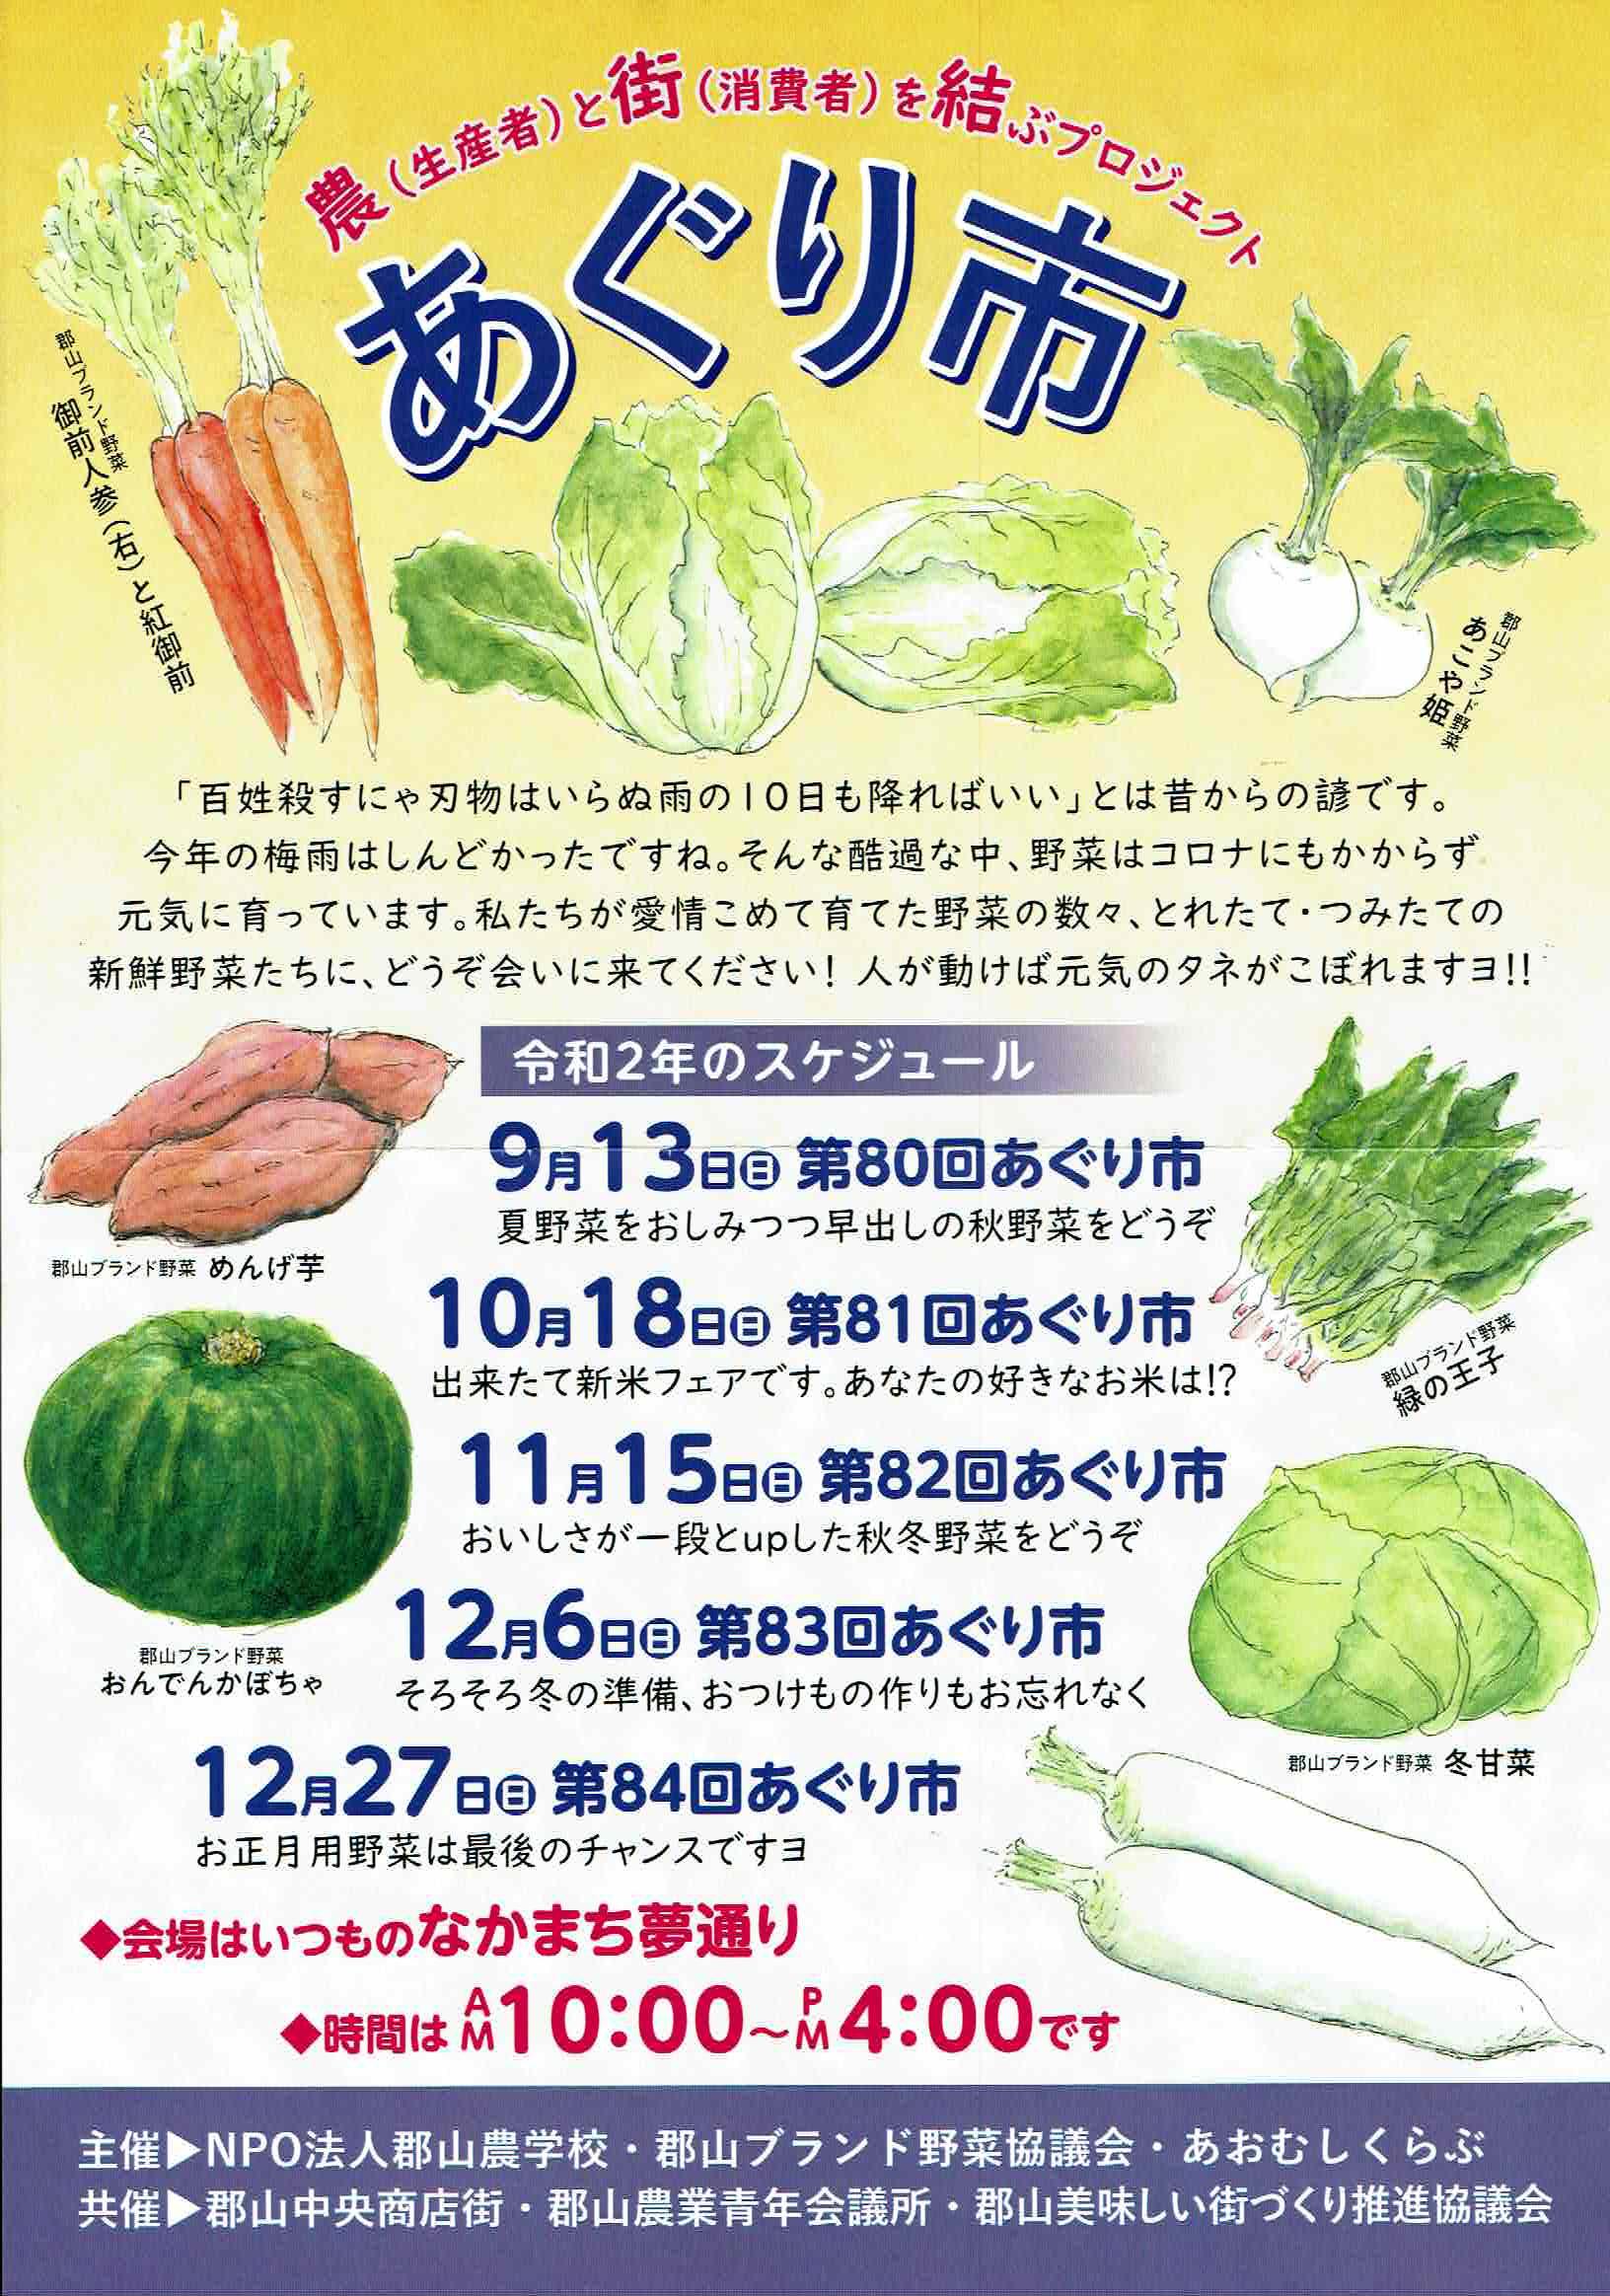 11月15日(日)◆あぐり市